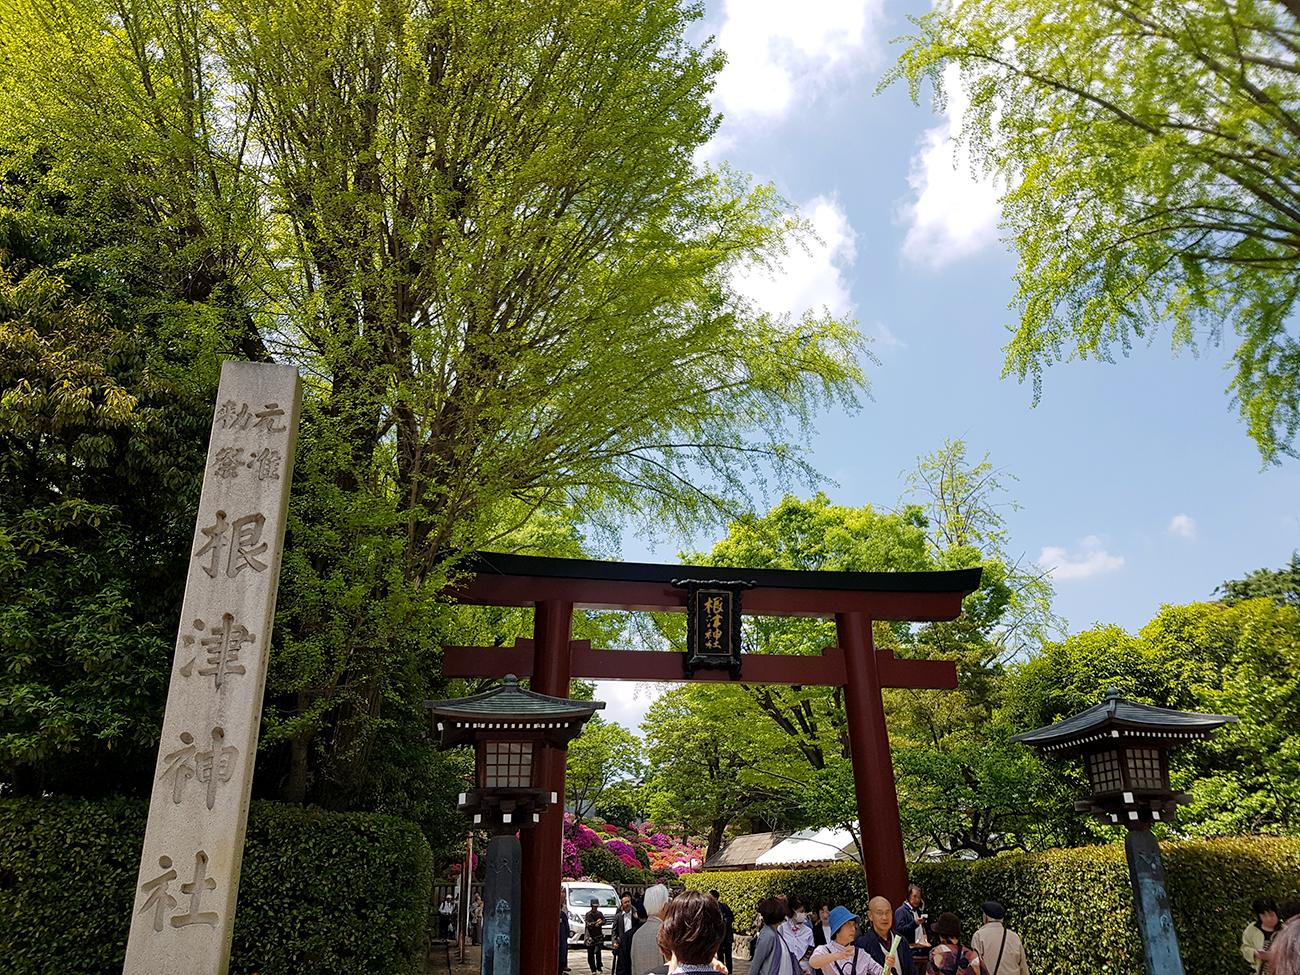 画像 根津神社のつつじ 2018年4月18日